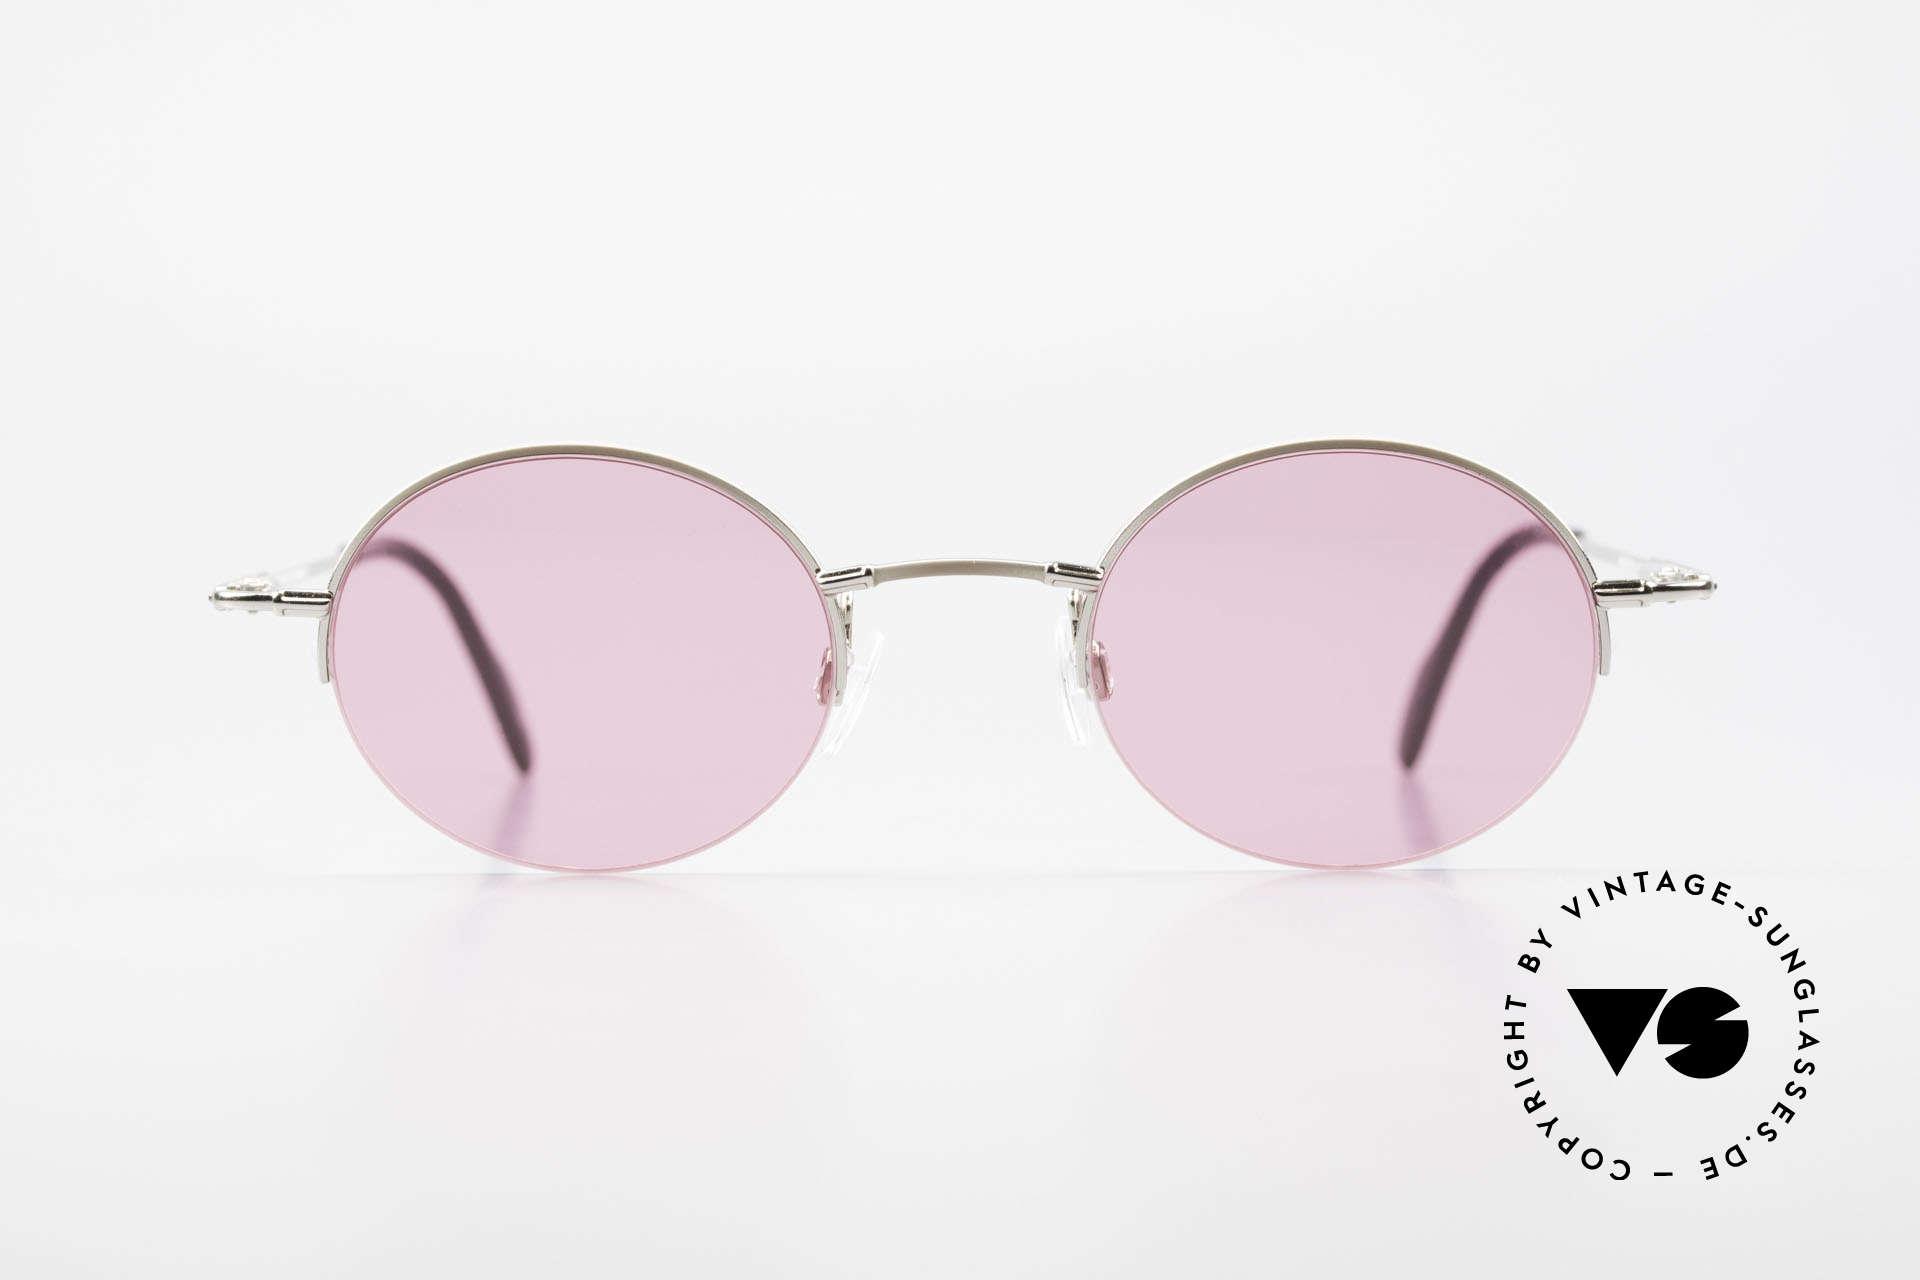 Longines 4363 Pinke Sonnenbrille 90er Oval, Nylor-Qualitätsfassung mit vielen kleinen Designdetails, Passend für Herren und Damen